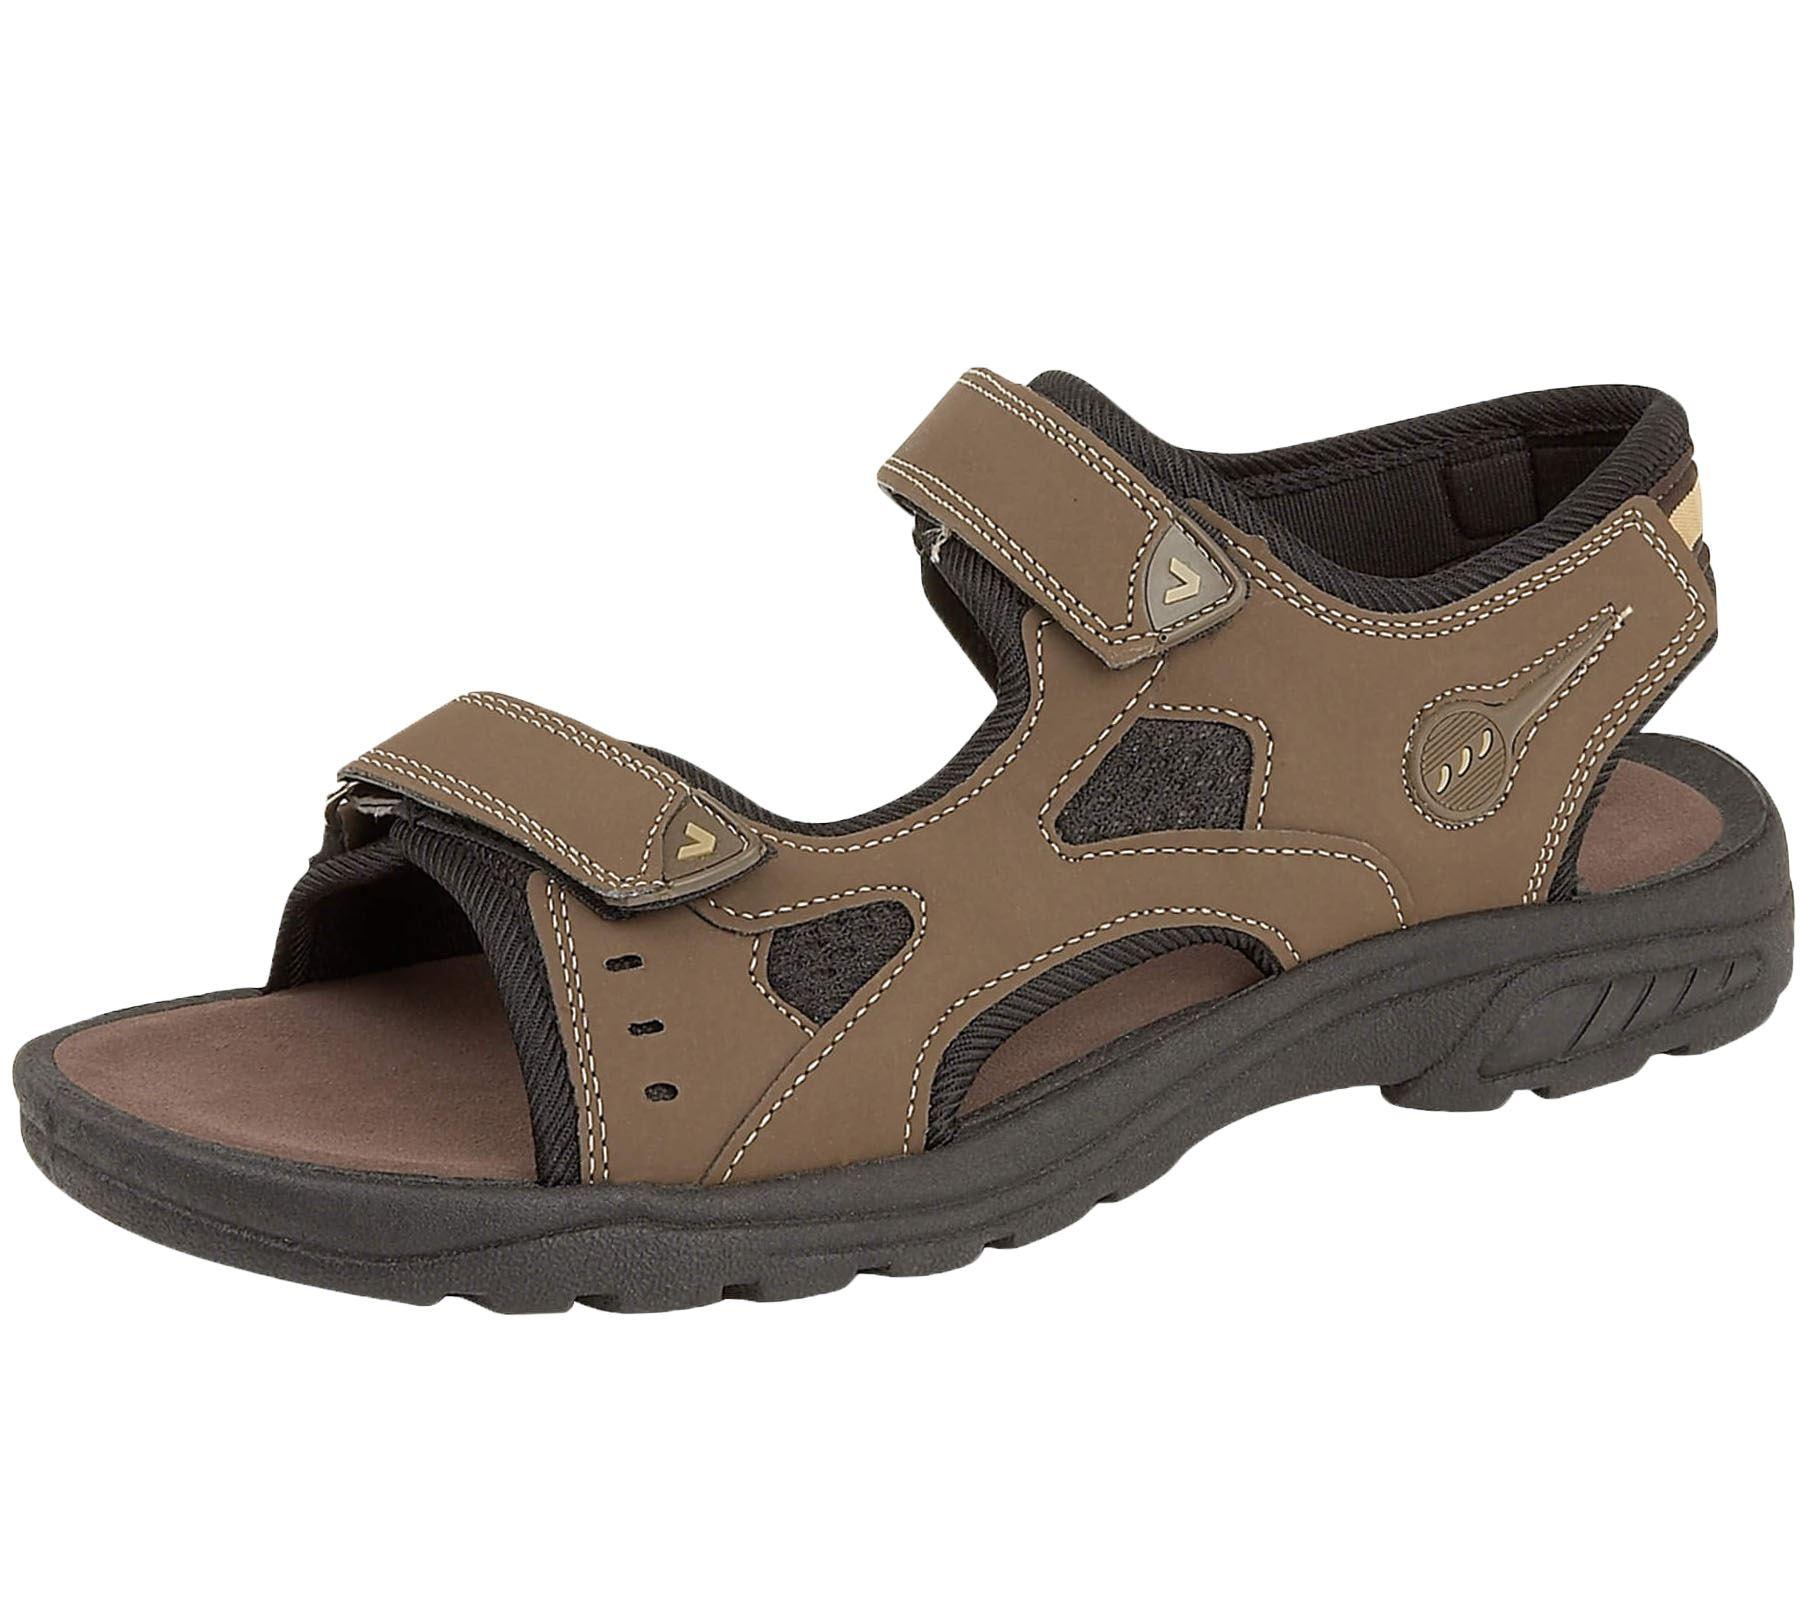 Mens-Sandals-Summer-Beach-Casual-Syenthatic-Sandals miniatura 12